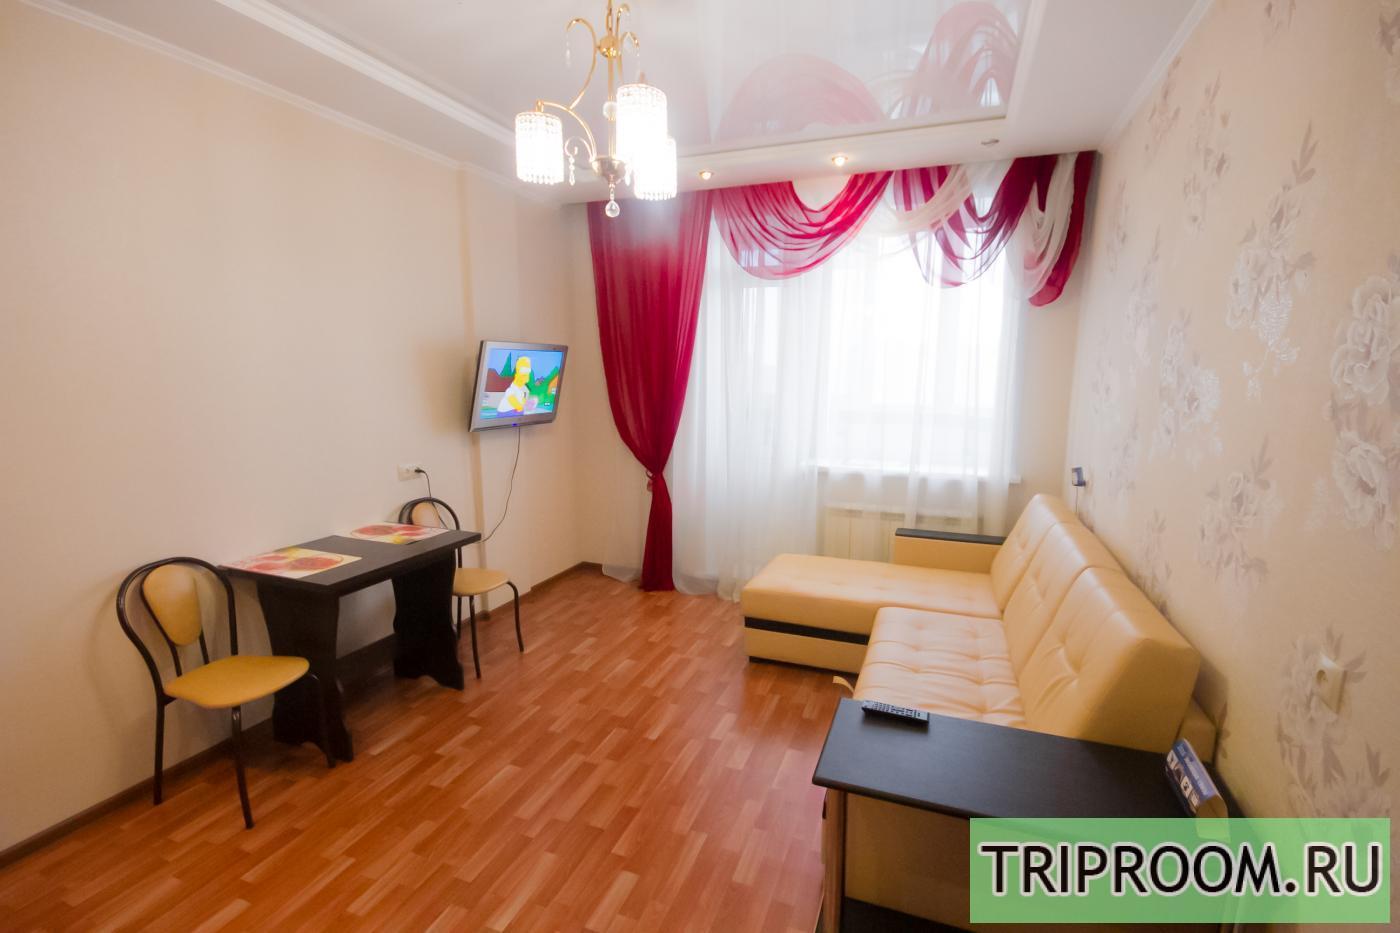 1-комнатная квартира посуточно (вариант № 15742), ул. Плановая улица, фото № 1